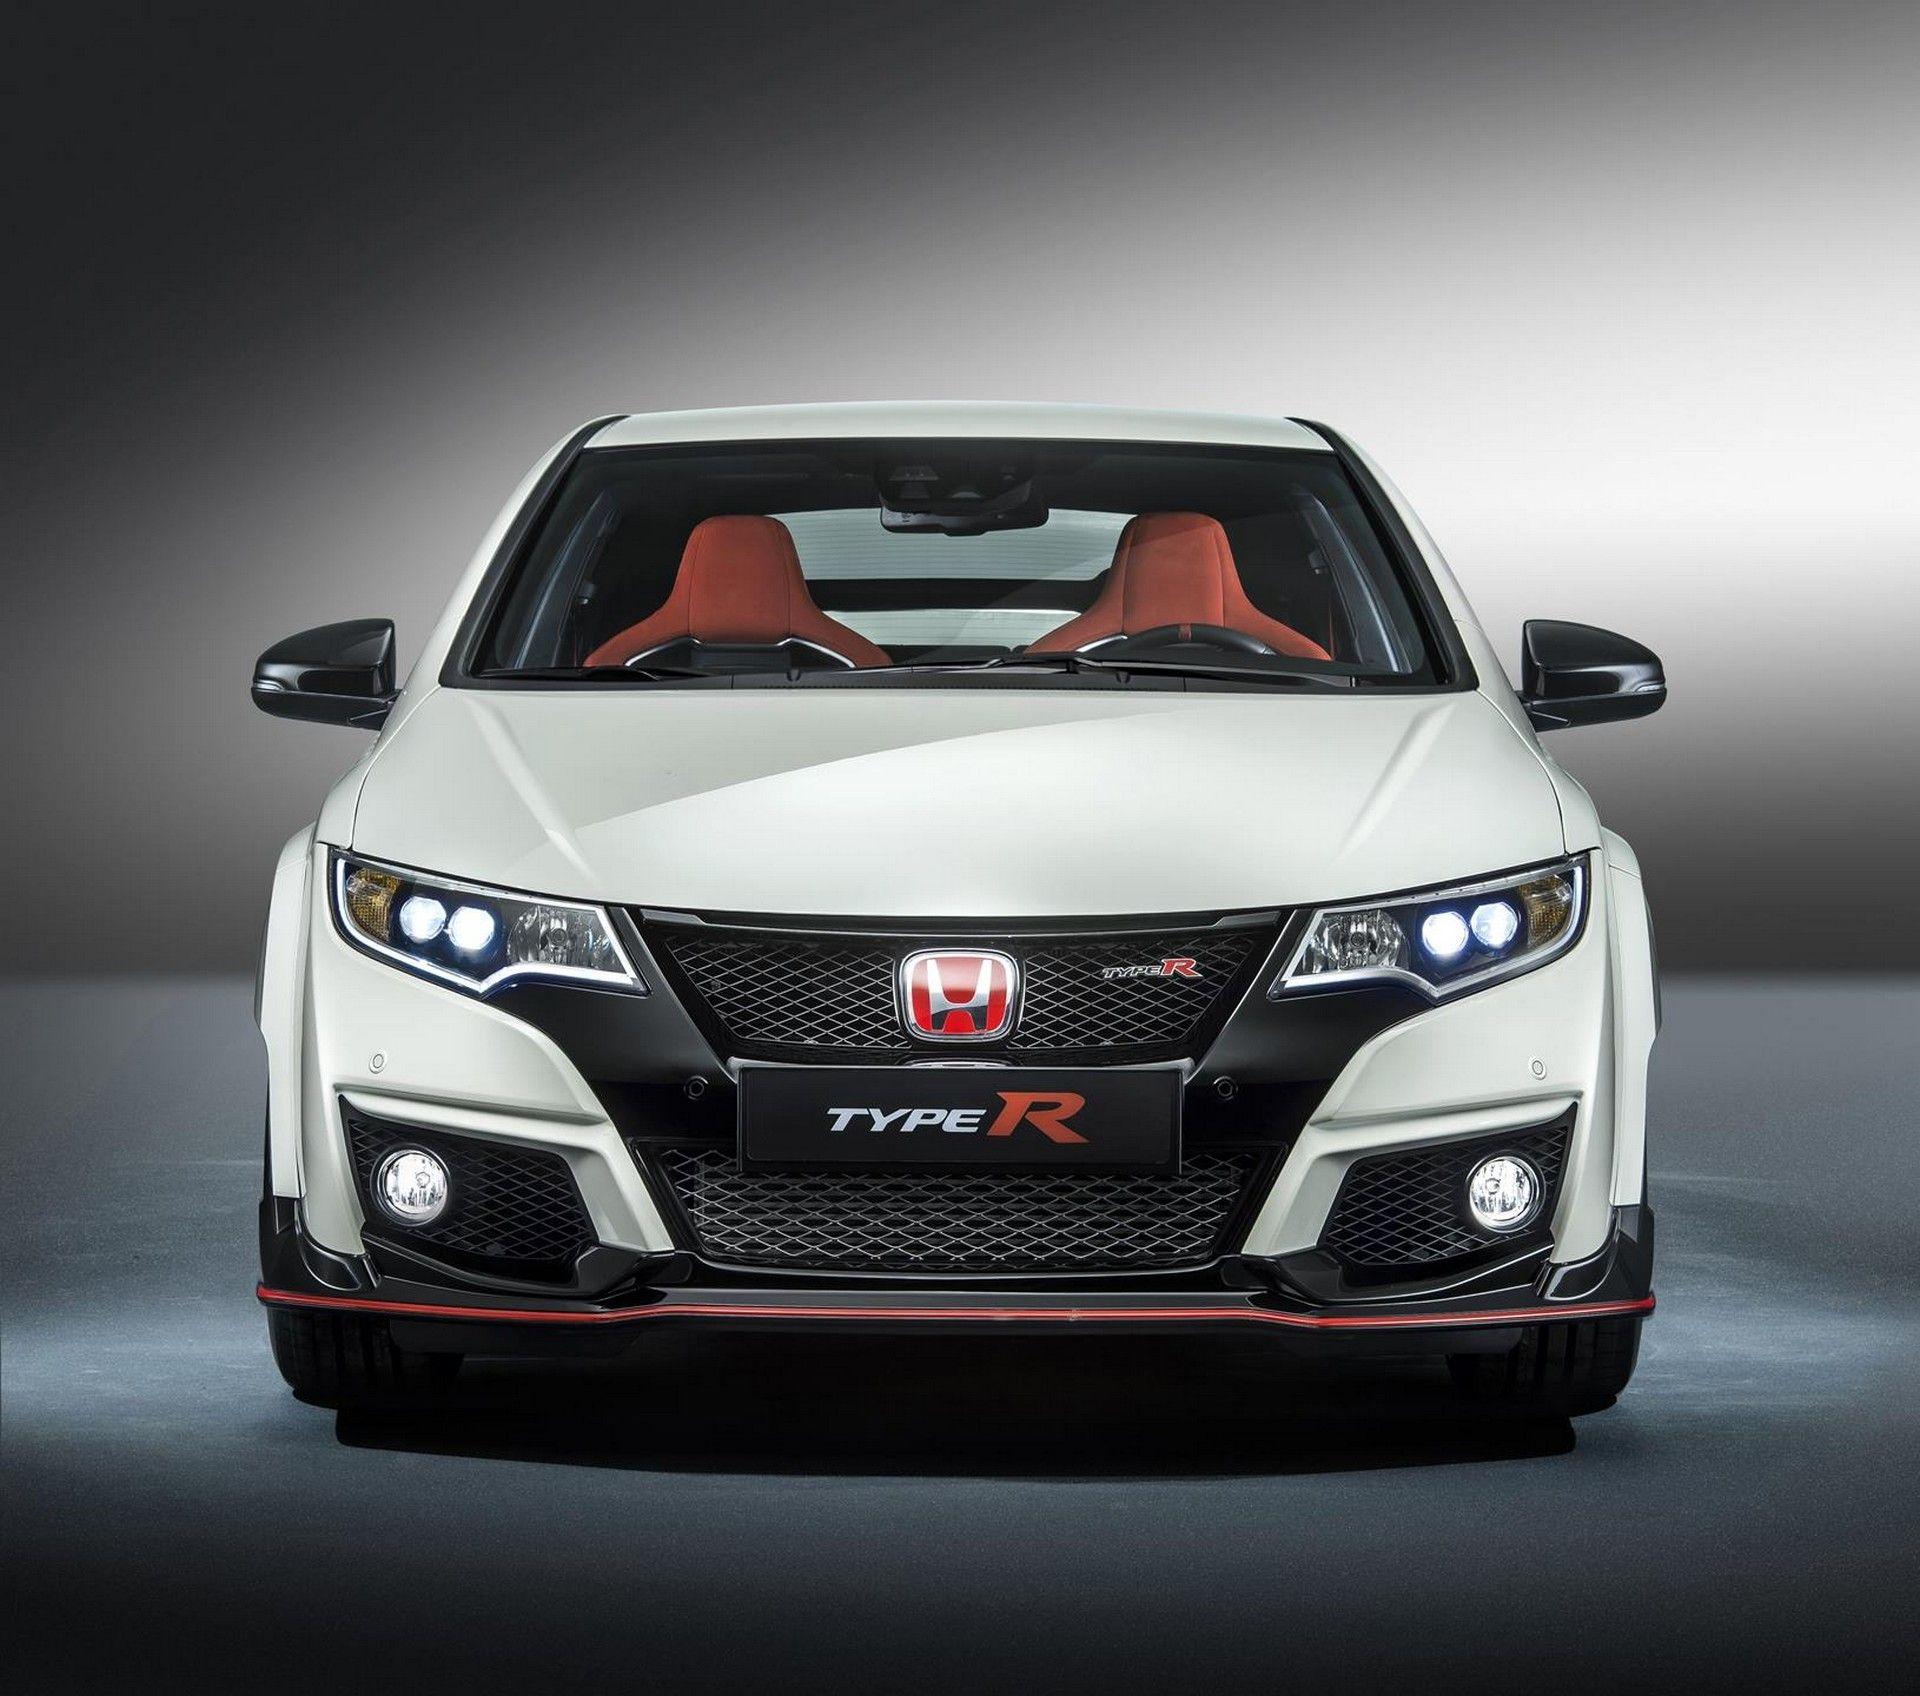 2020 Honda Civic Type R Specs, Price (Dengan Gambar